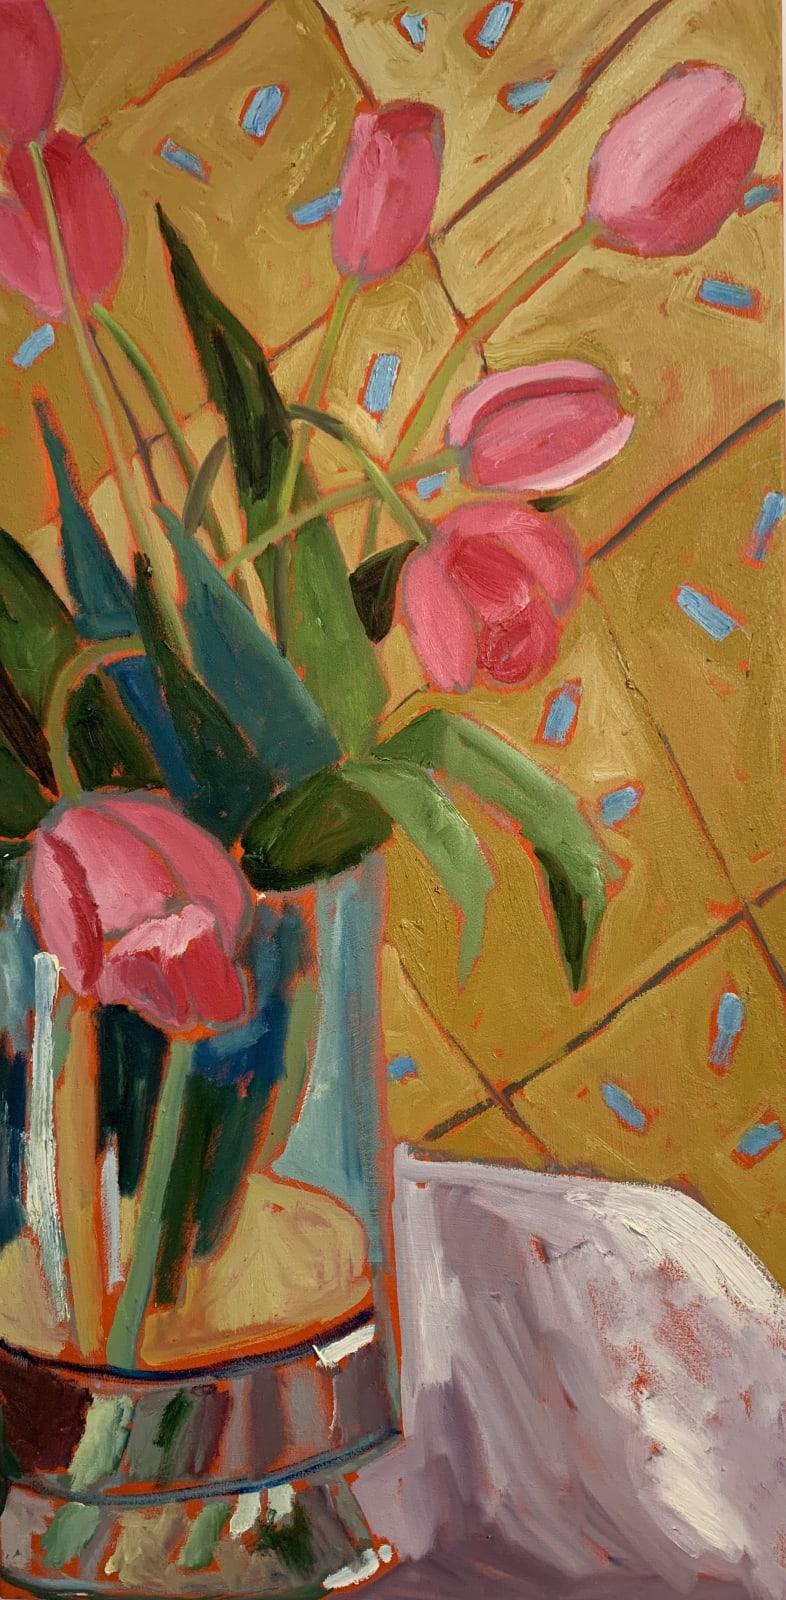 Christopher Broadhurst, The Garden Going On...Spring Tulips, 2020